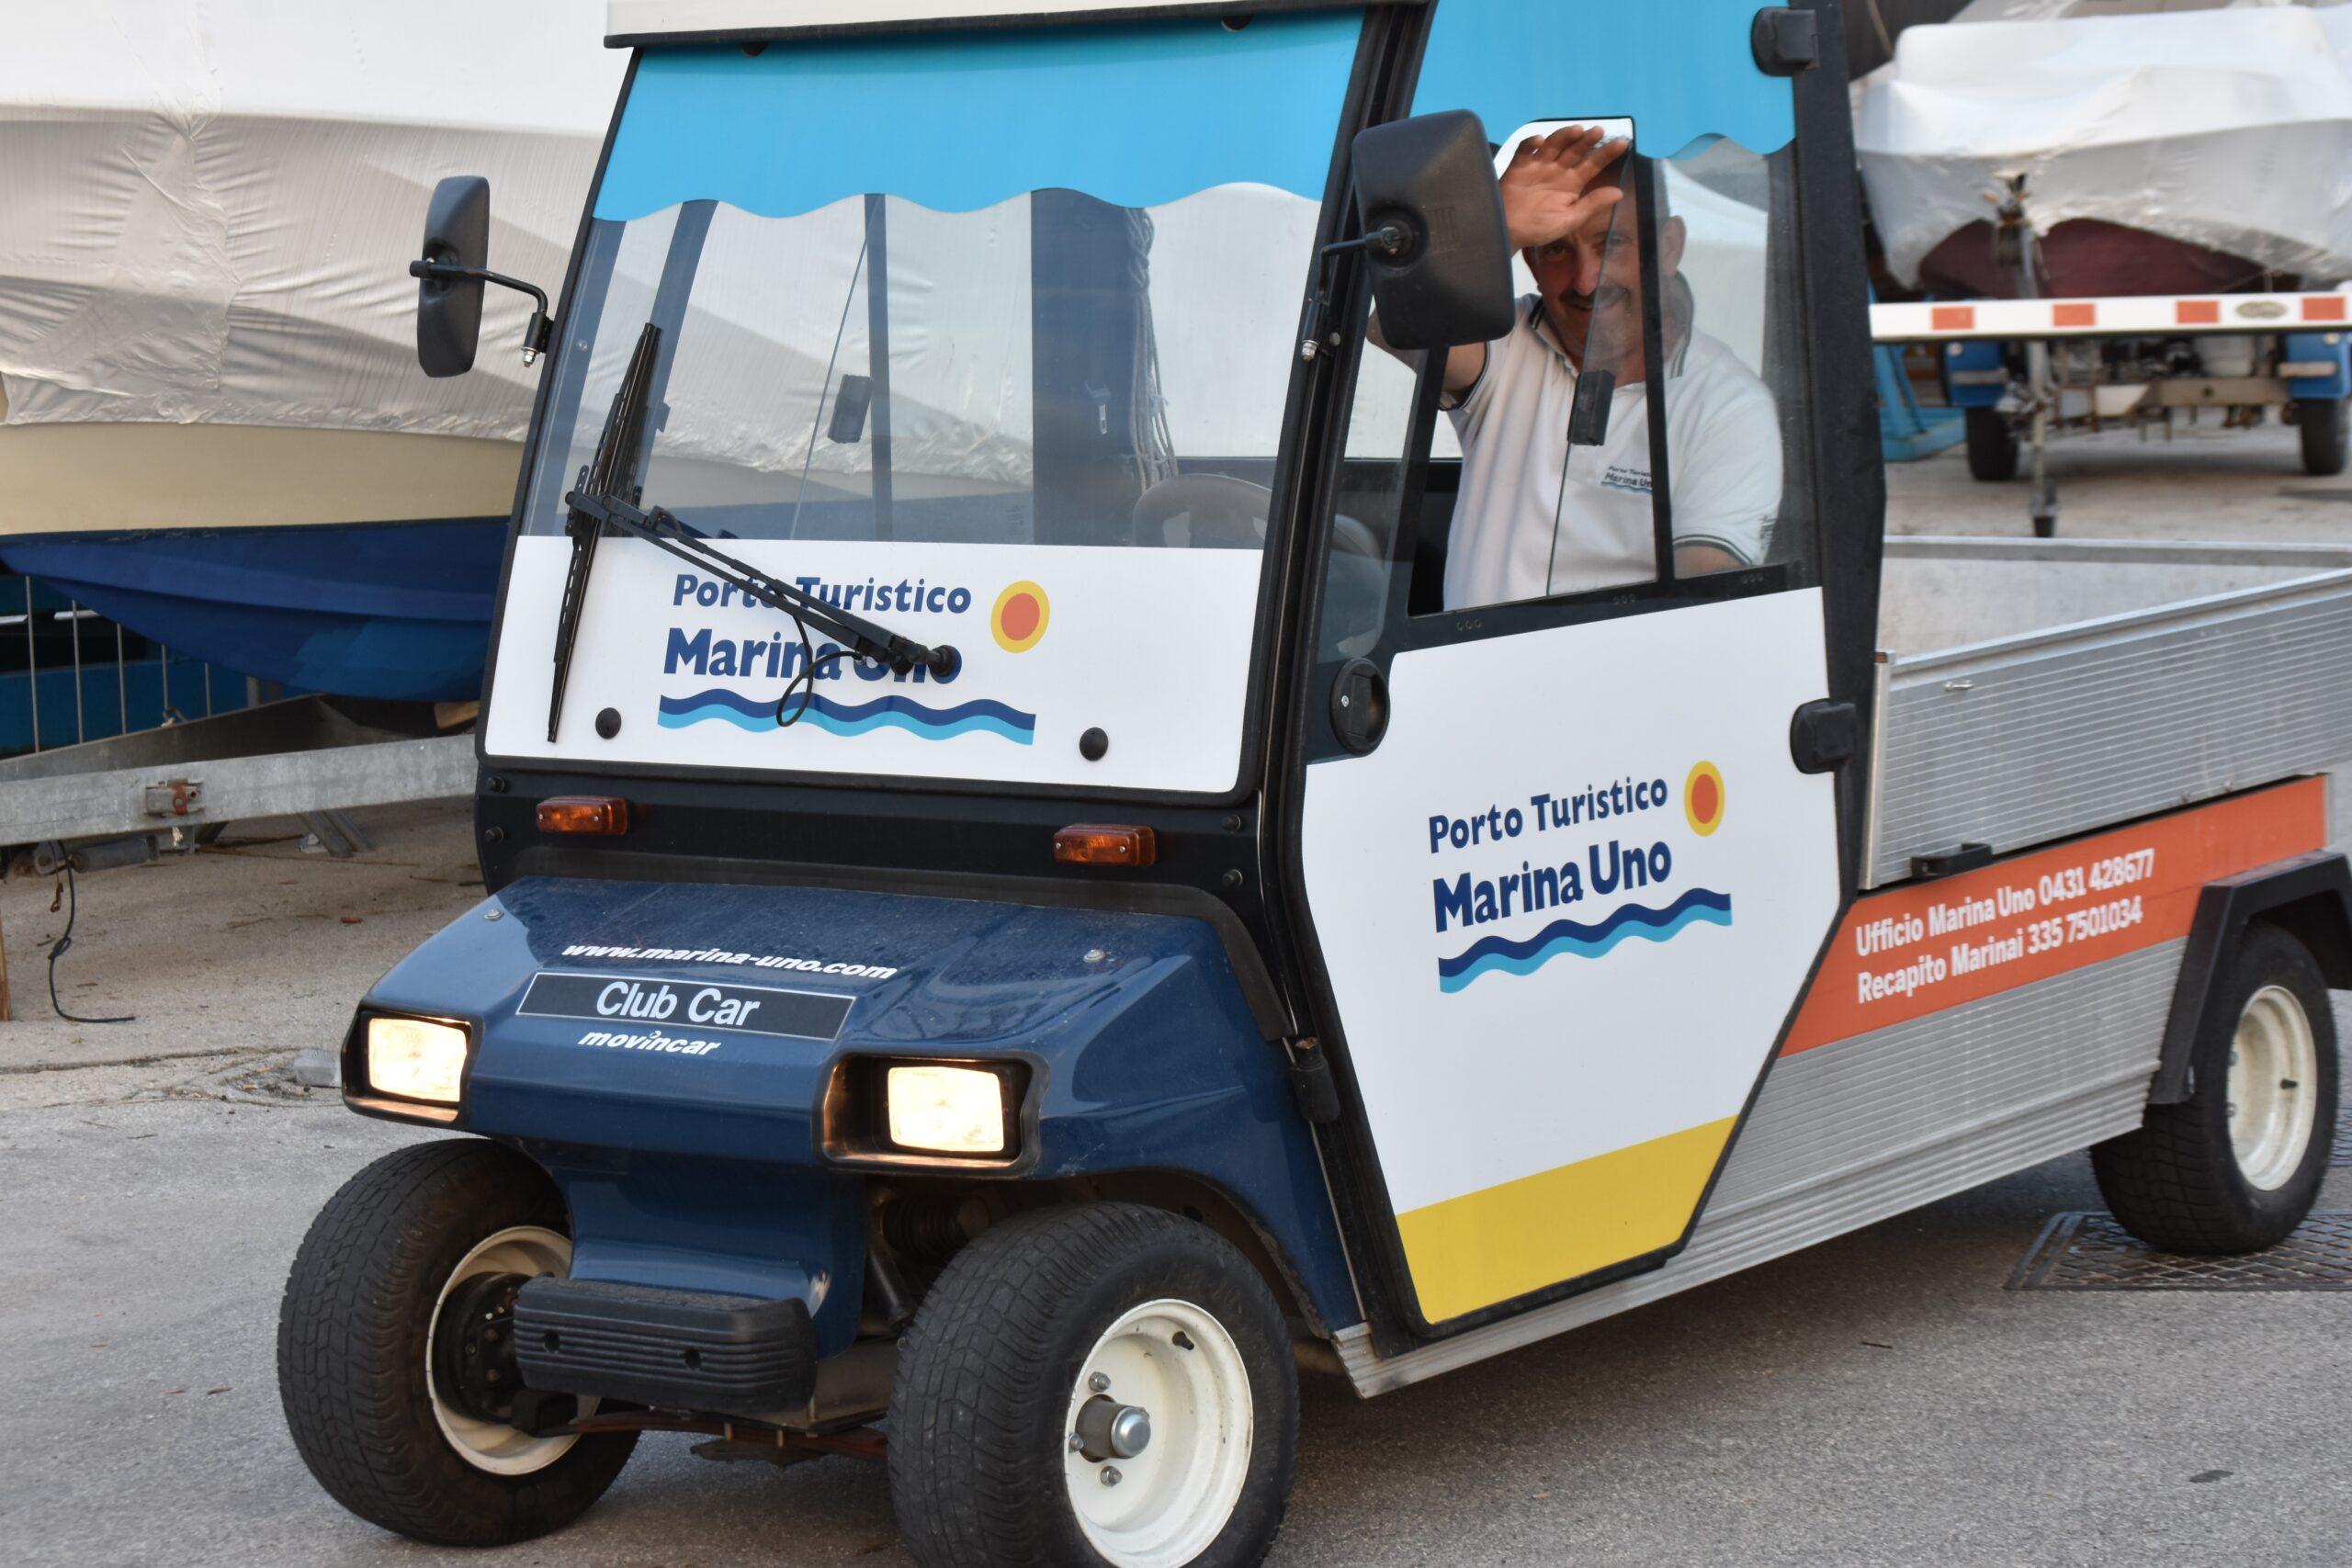 Elektrocart für den Transport zwischen den Stegen in Porto Turistico Marina Uno Resort.